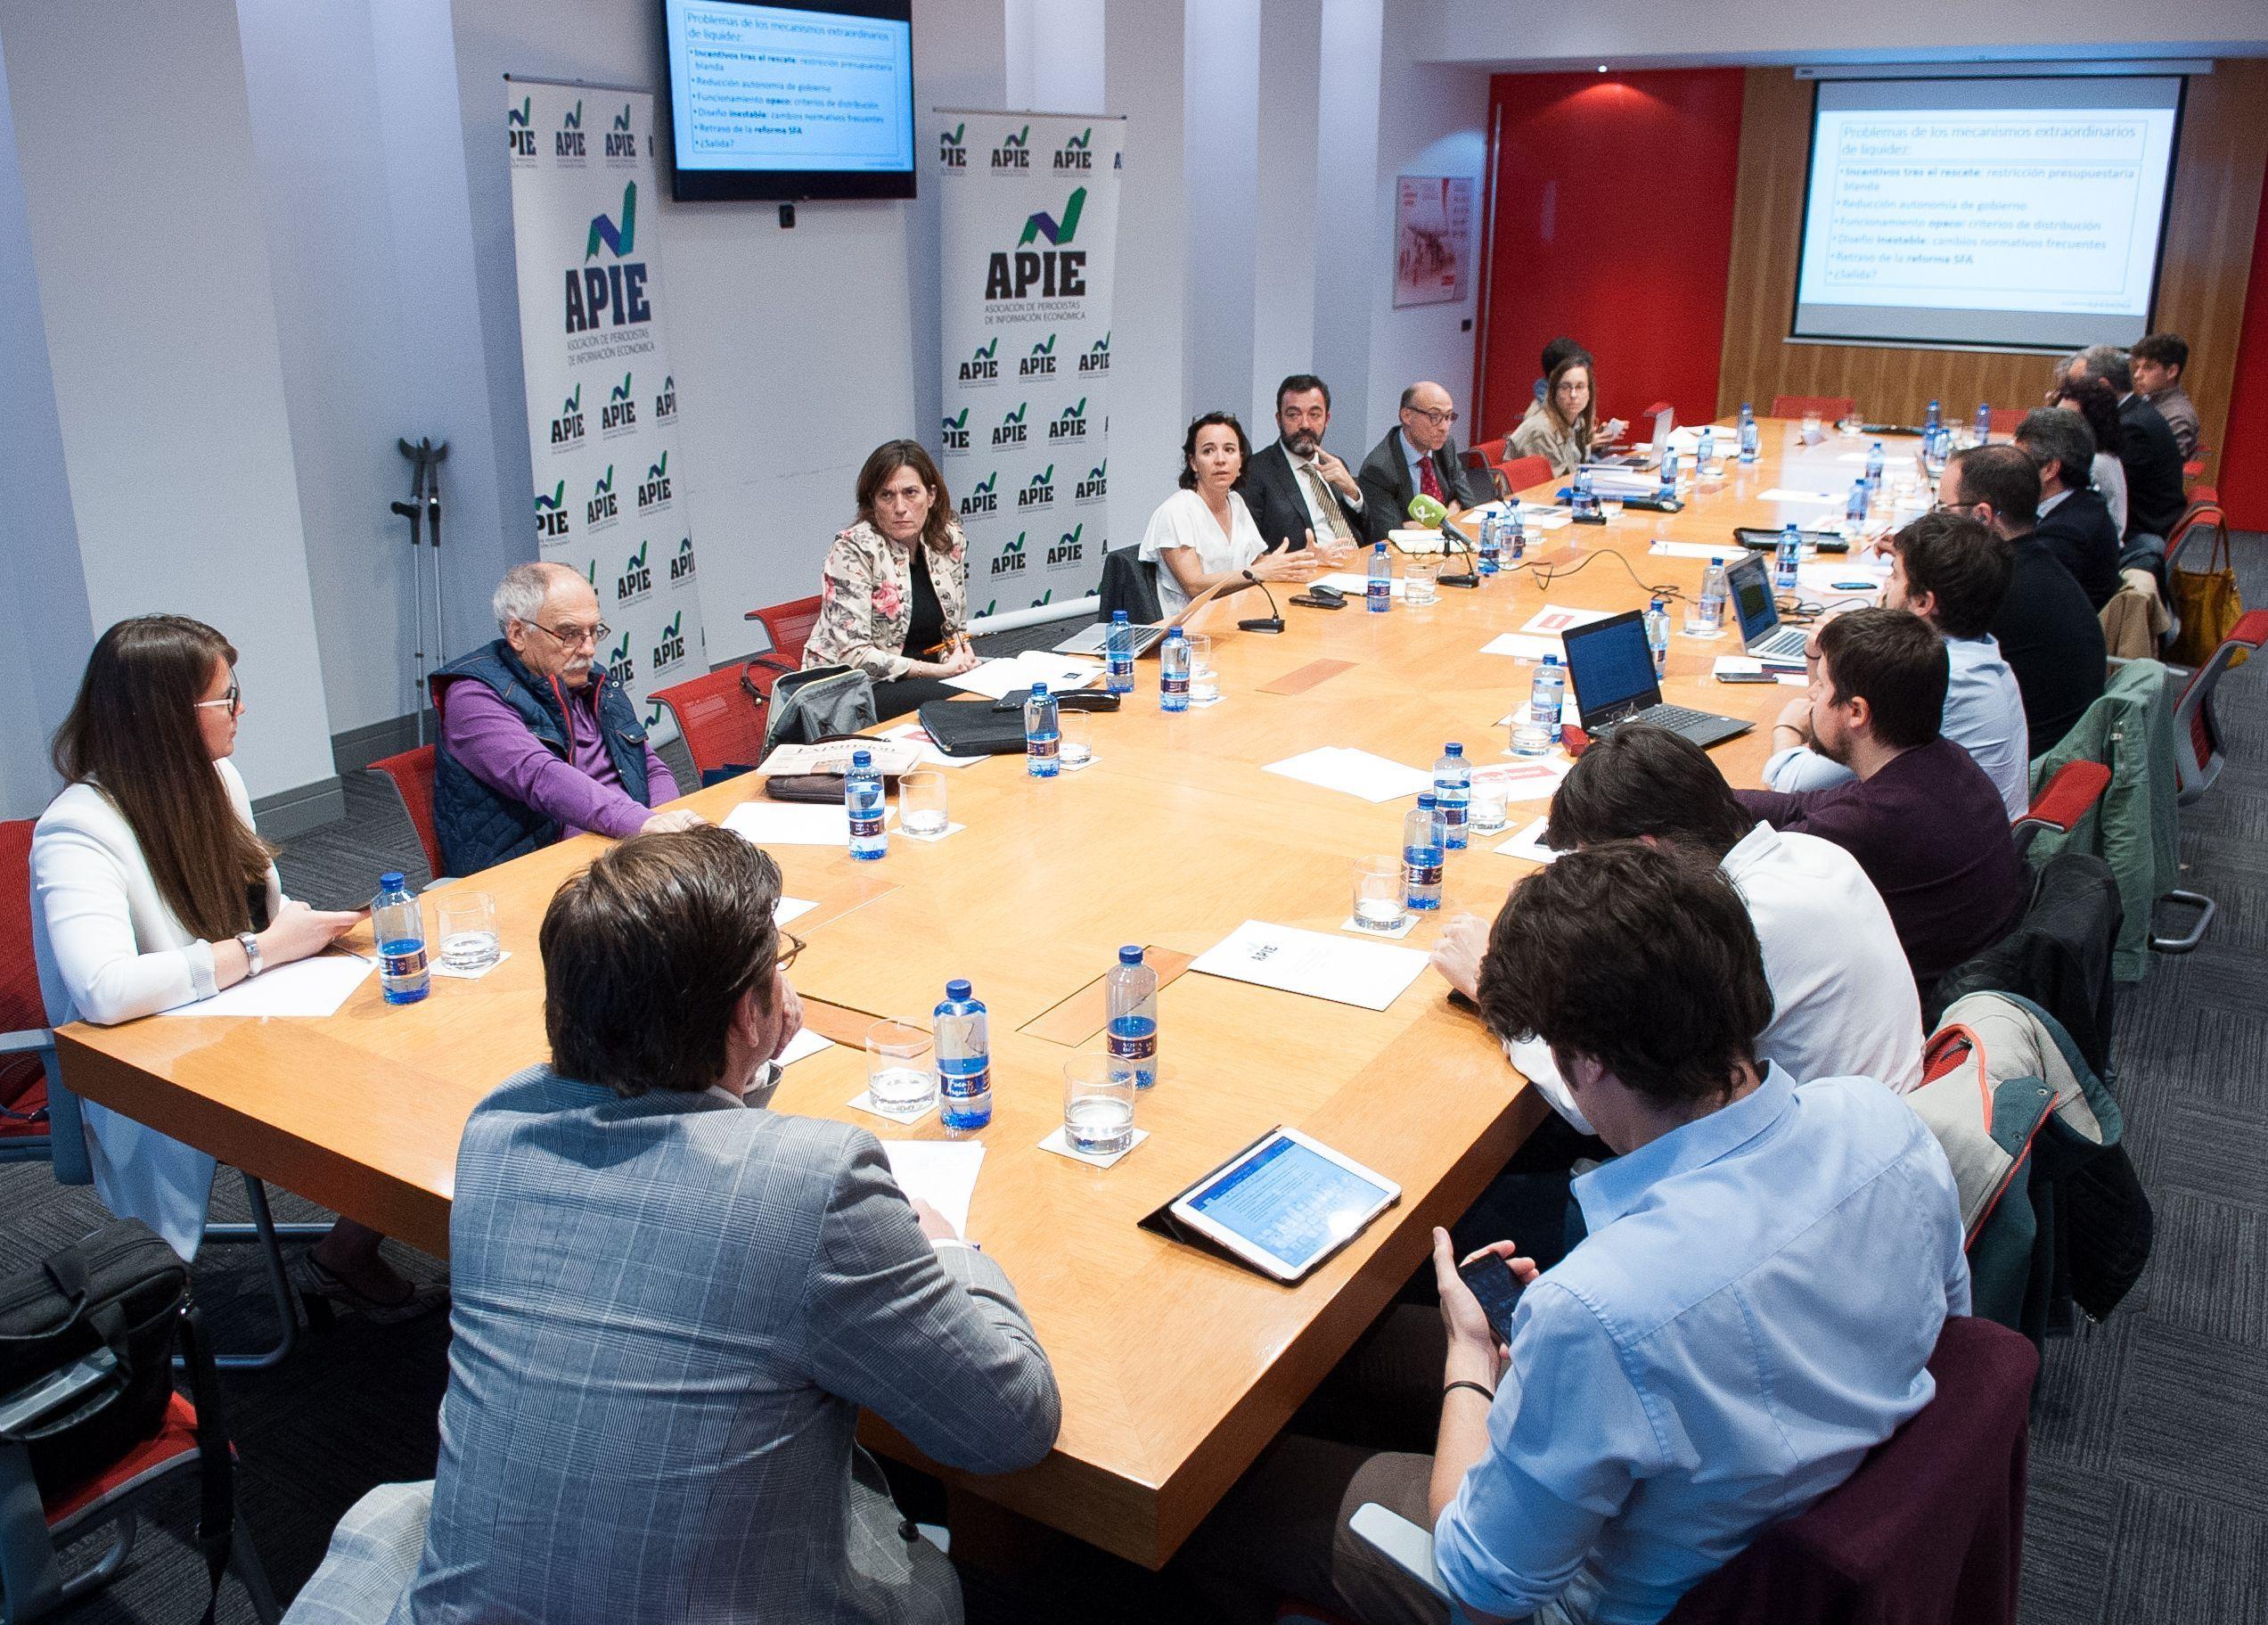 Un momento de la mesa redonda sobre financiación autonómica celebrada en la segunda jornada del XXXI Curso de Economía organizado por la APIE.